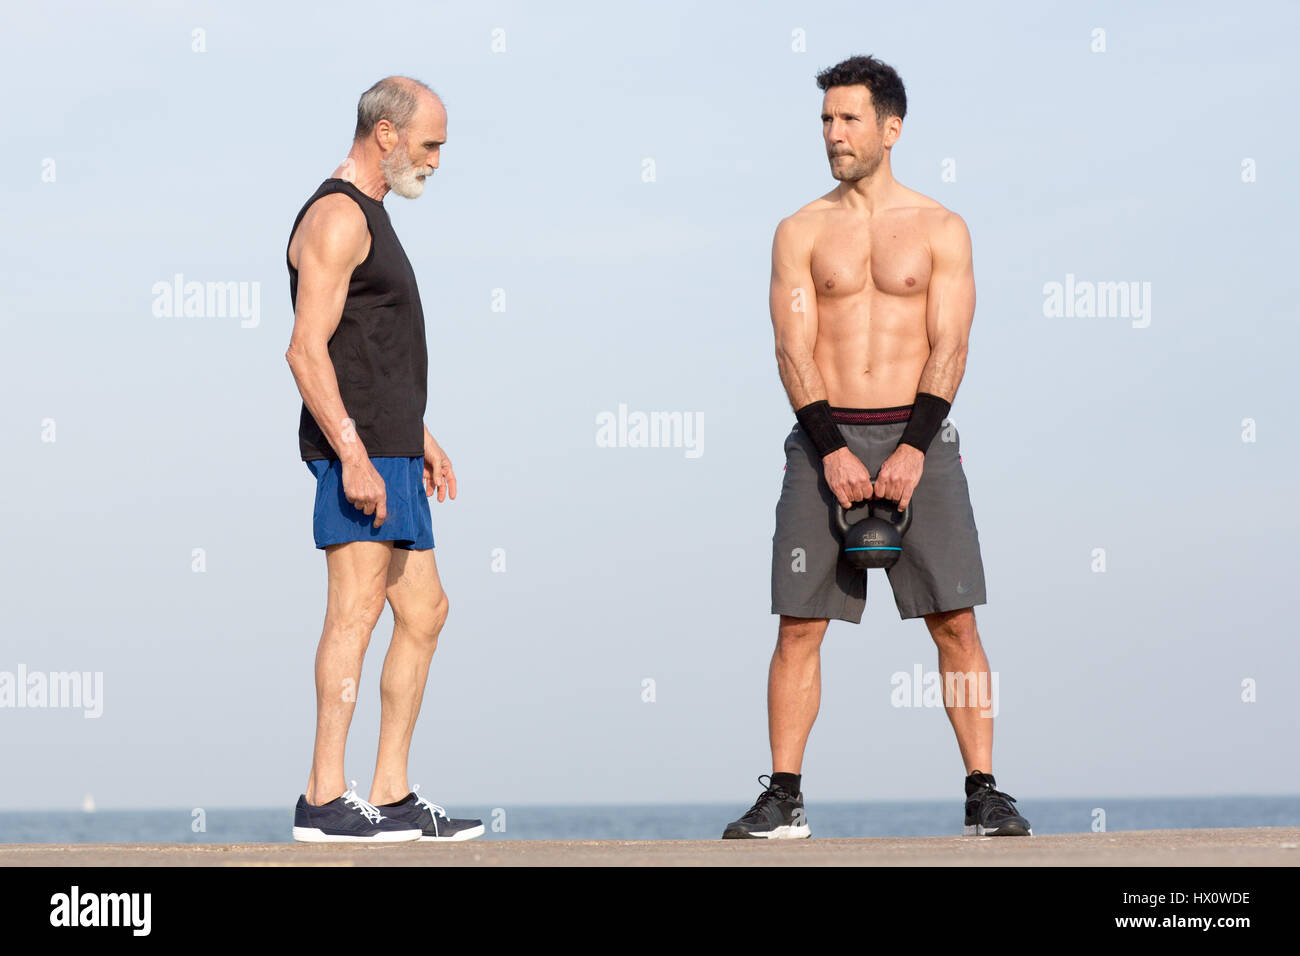 Athletischer Mann, die kettlebell Übung am Strand Stockbild